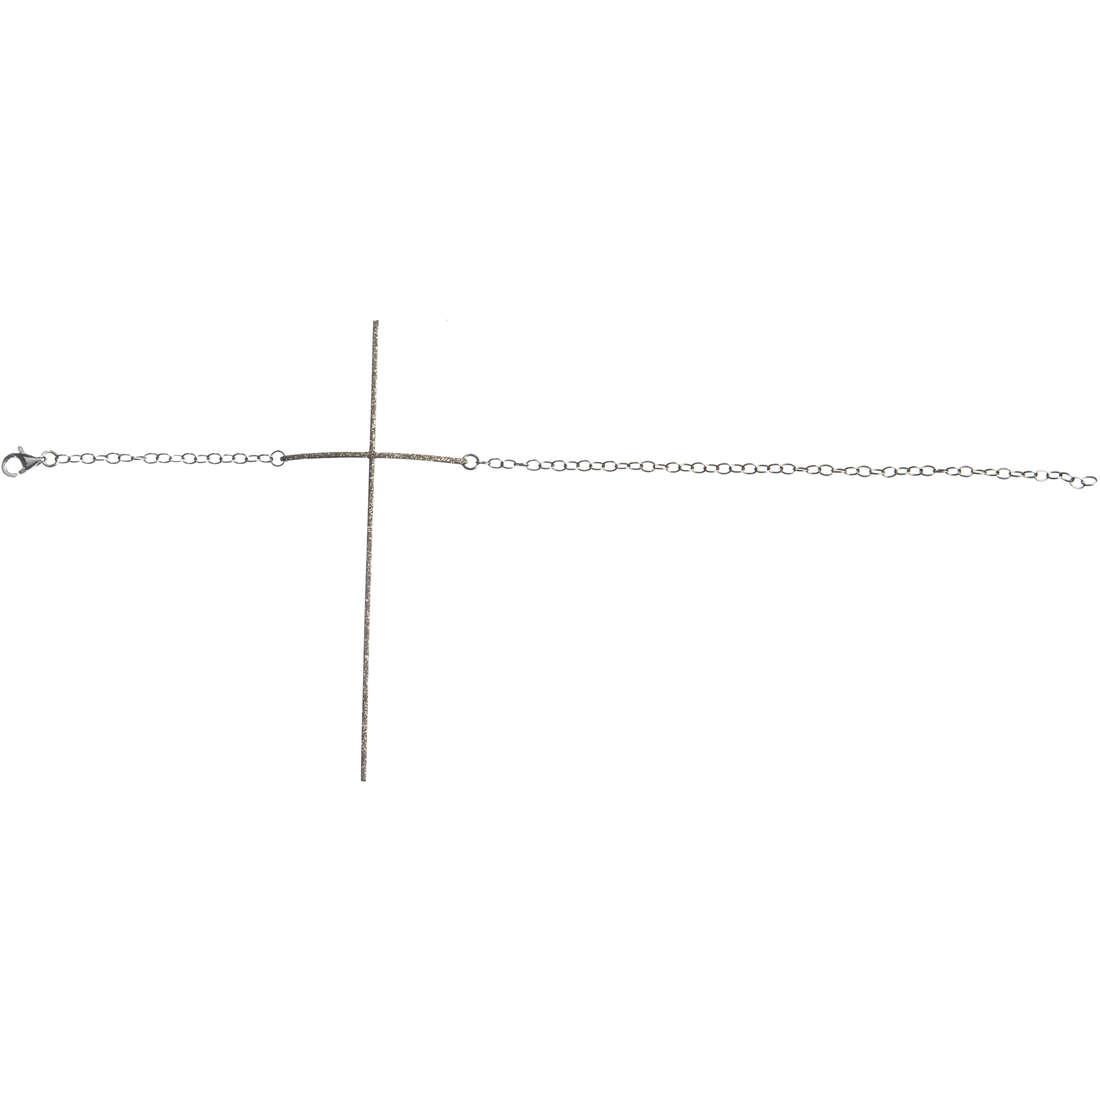 bracelet woman jewellery Marlù Eden 17BR001